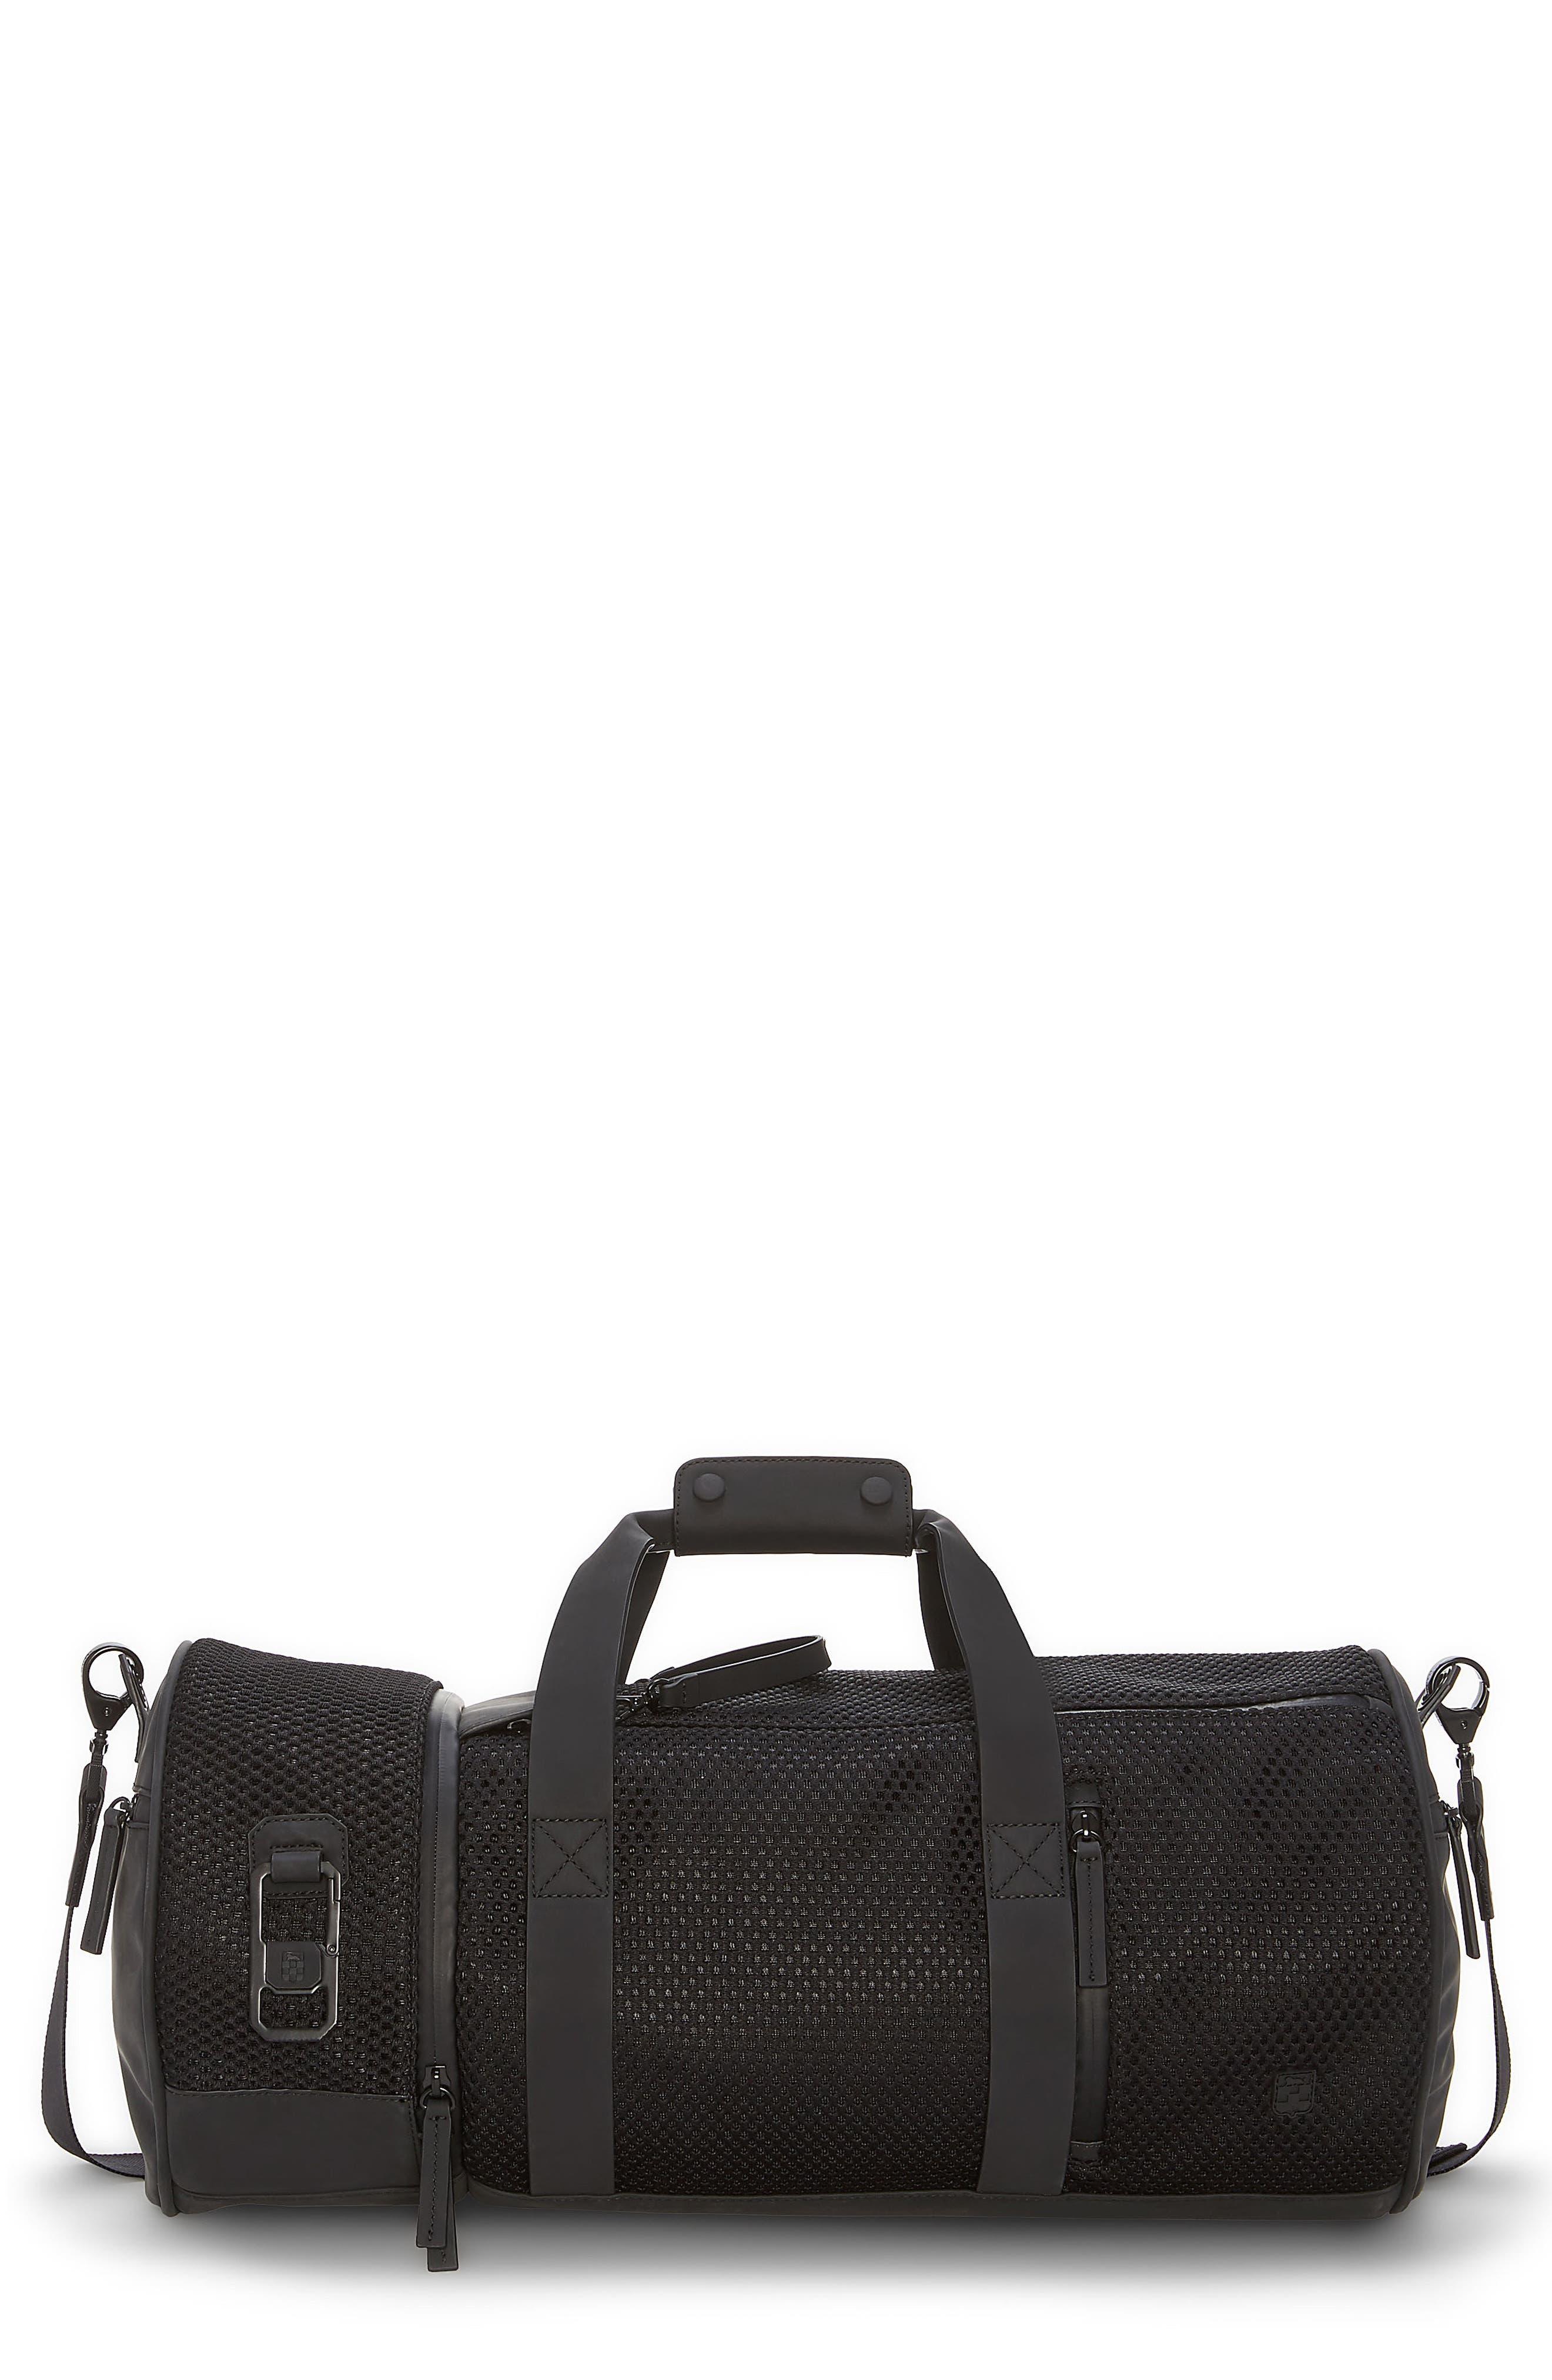 Urban Mesh Duffel Bag,                             Main thumbnail 1, color,                             BLACK